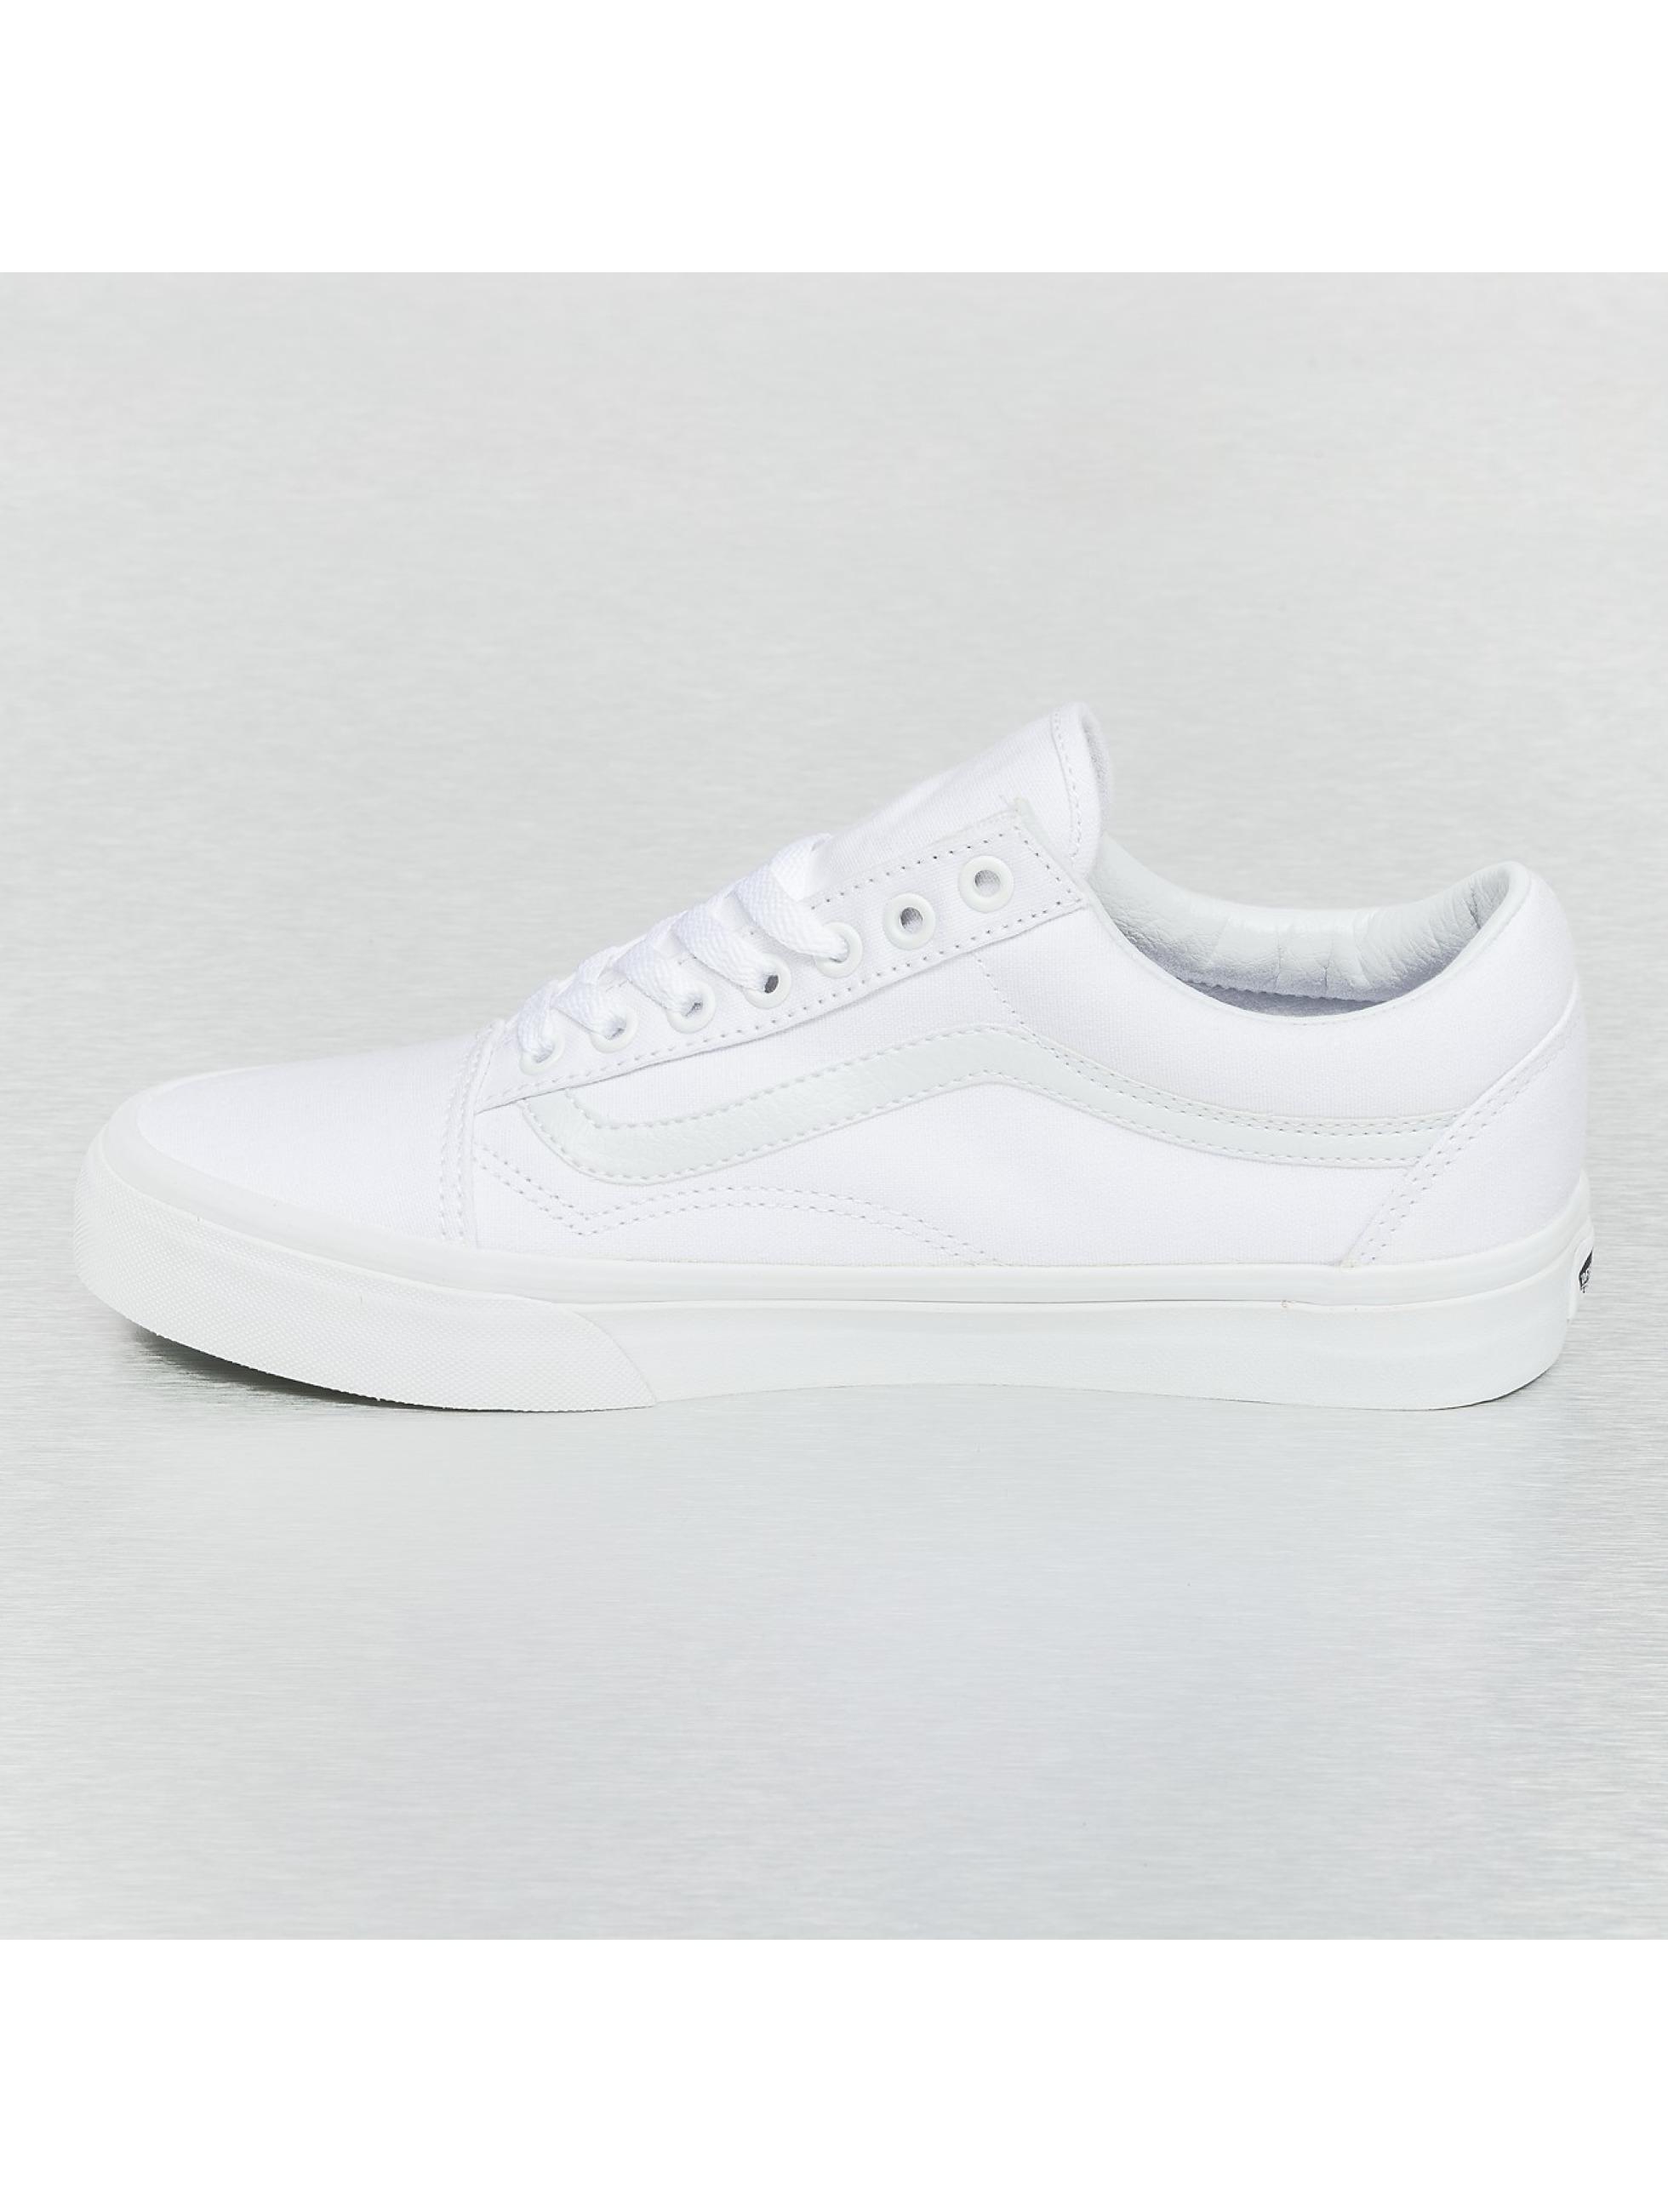 Vans Sneakers Old Skool white